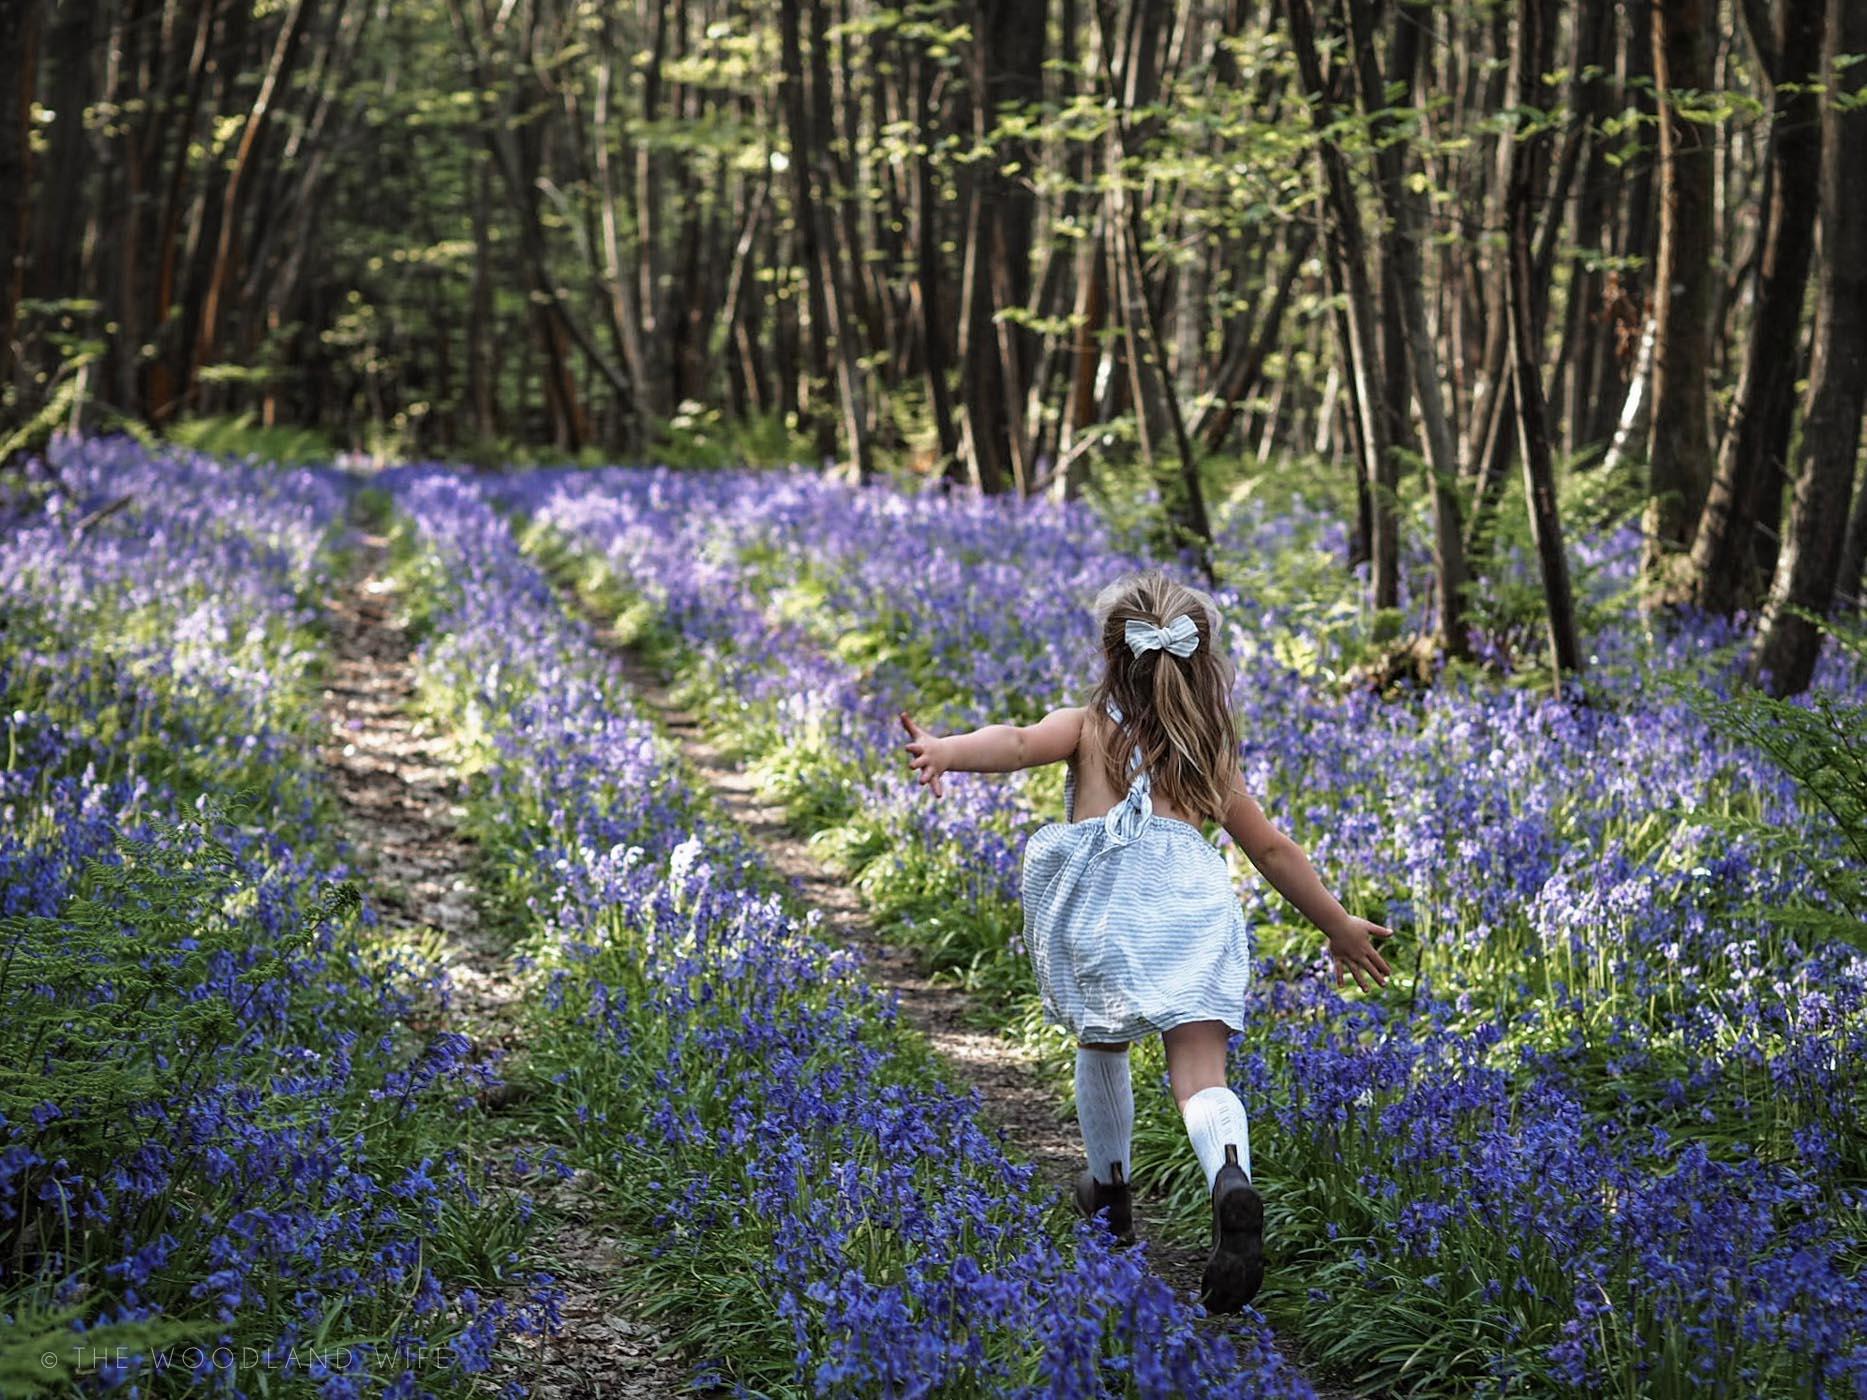 The Woodland Wife - Kent Bluebell Woods - Nellie Quats Linen Pinafore - Bluebells - Blue Haze